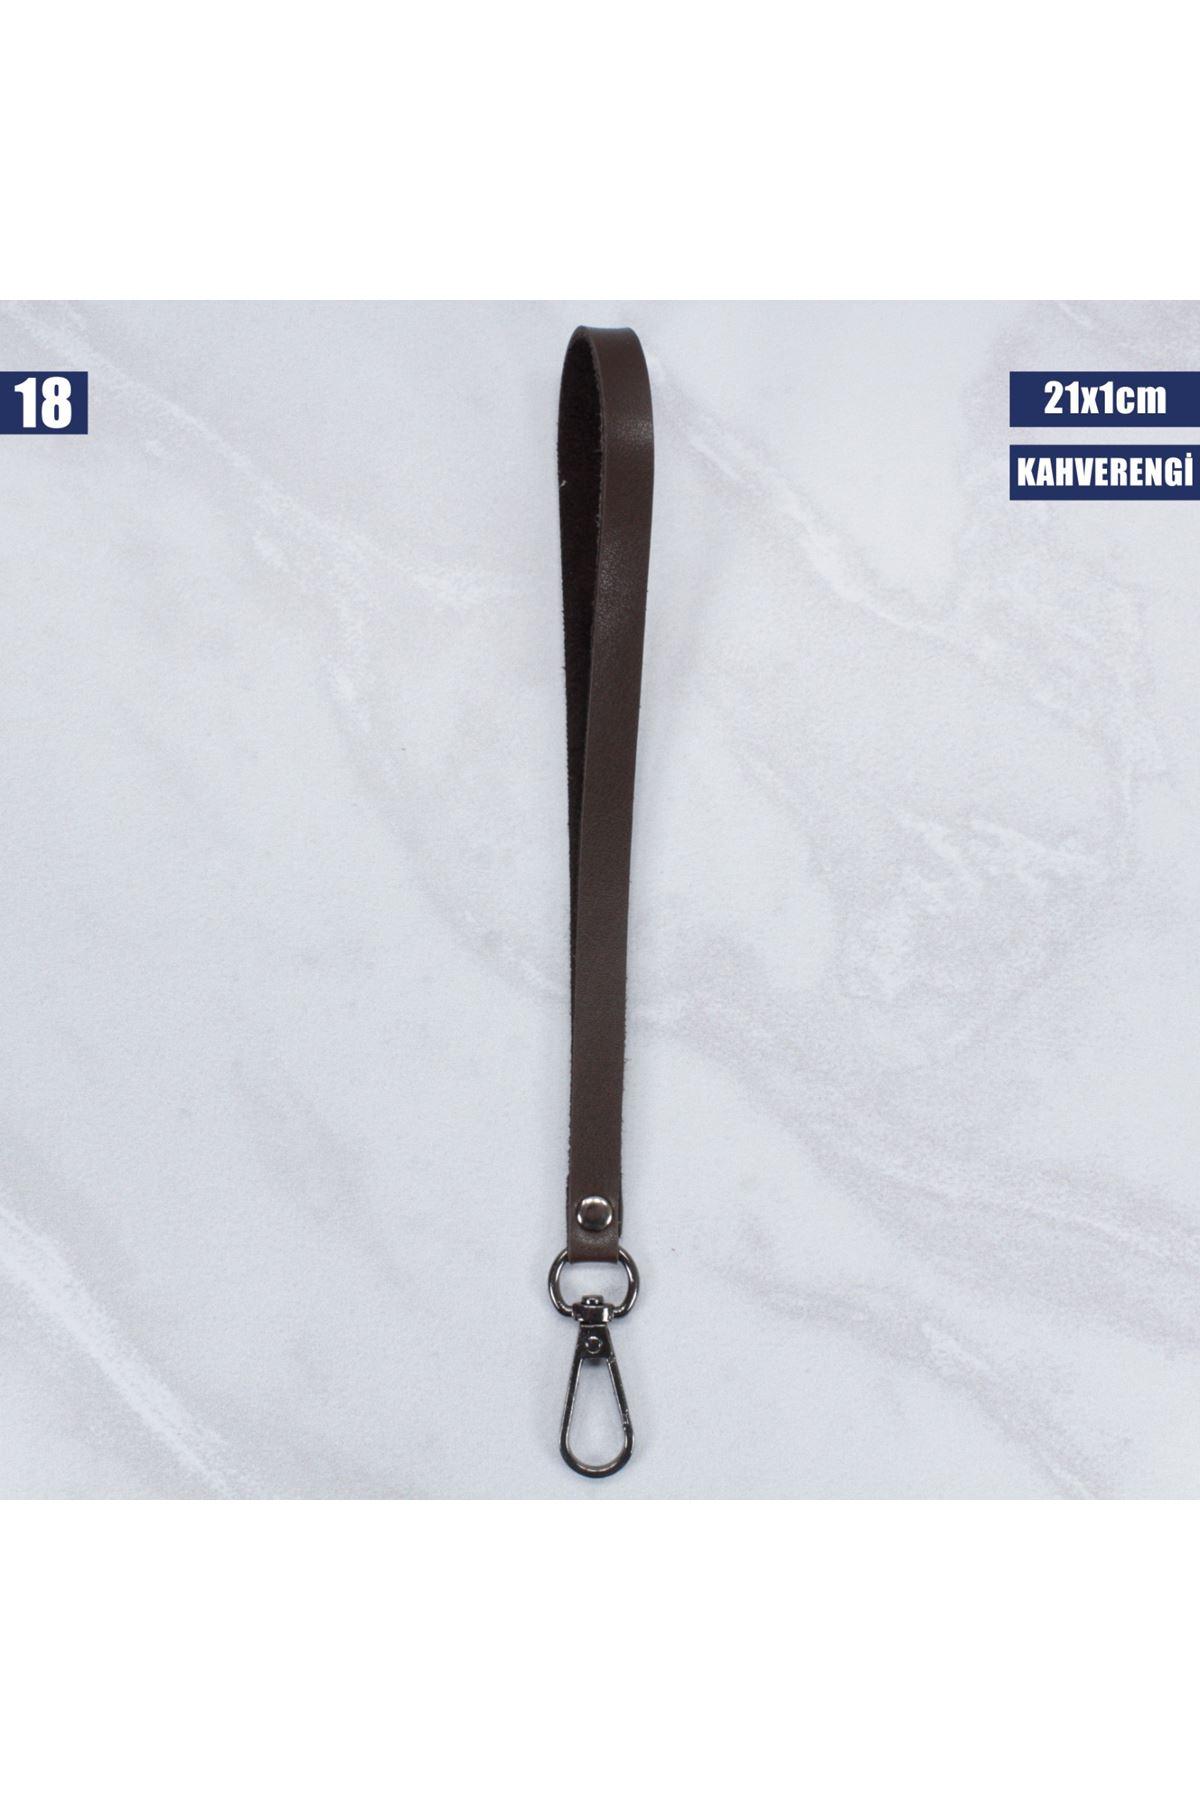 Deri Çanta Elciği - 18